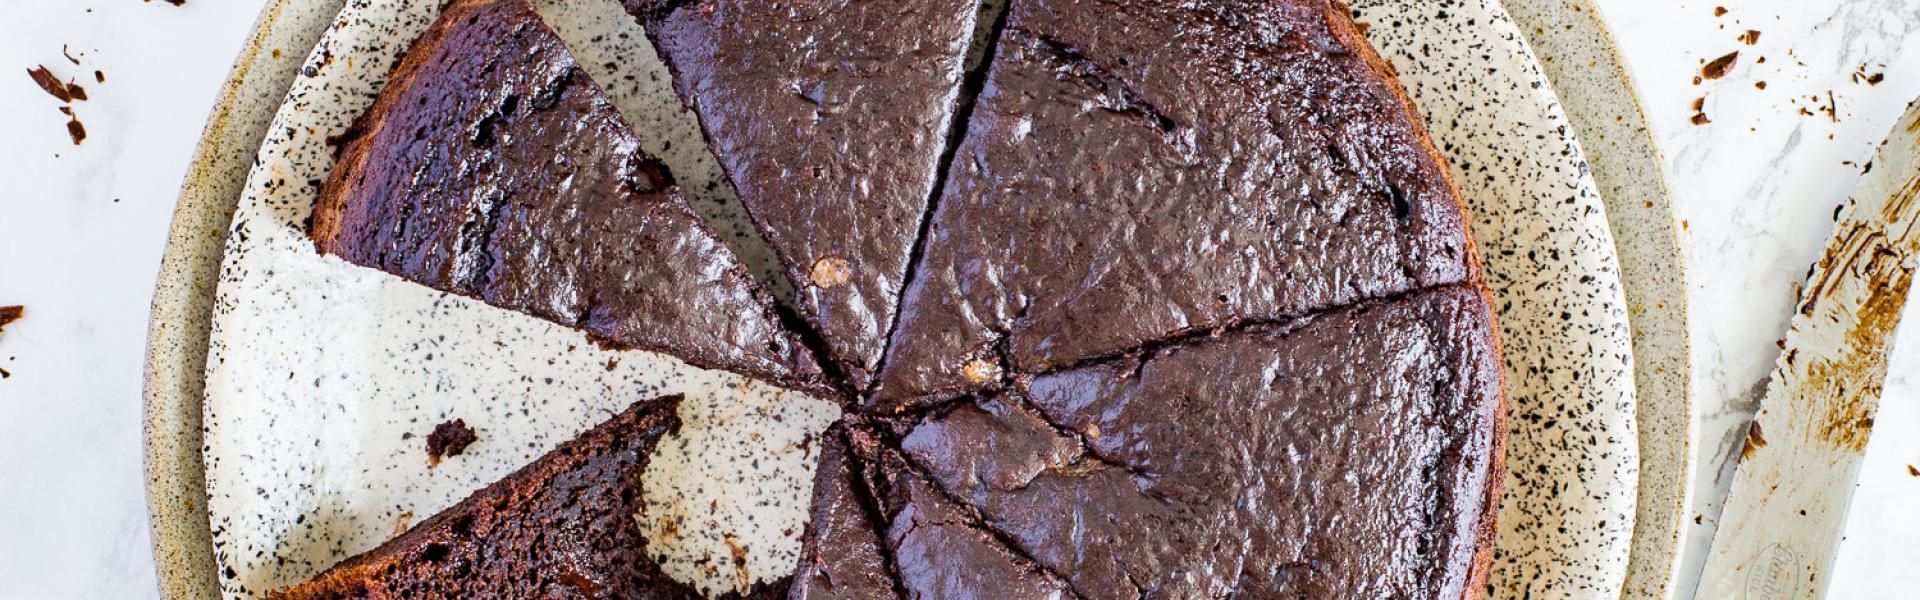 Angeschnittener veganer Apfelmuskuchen mit Schokolade.